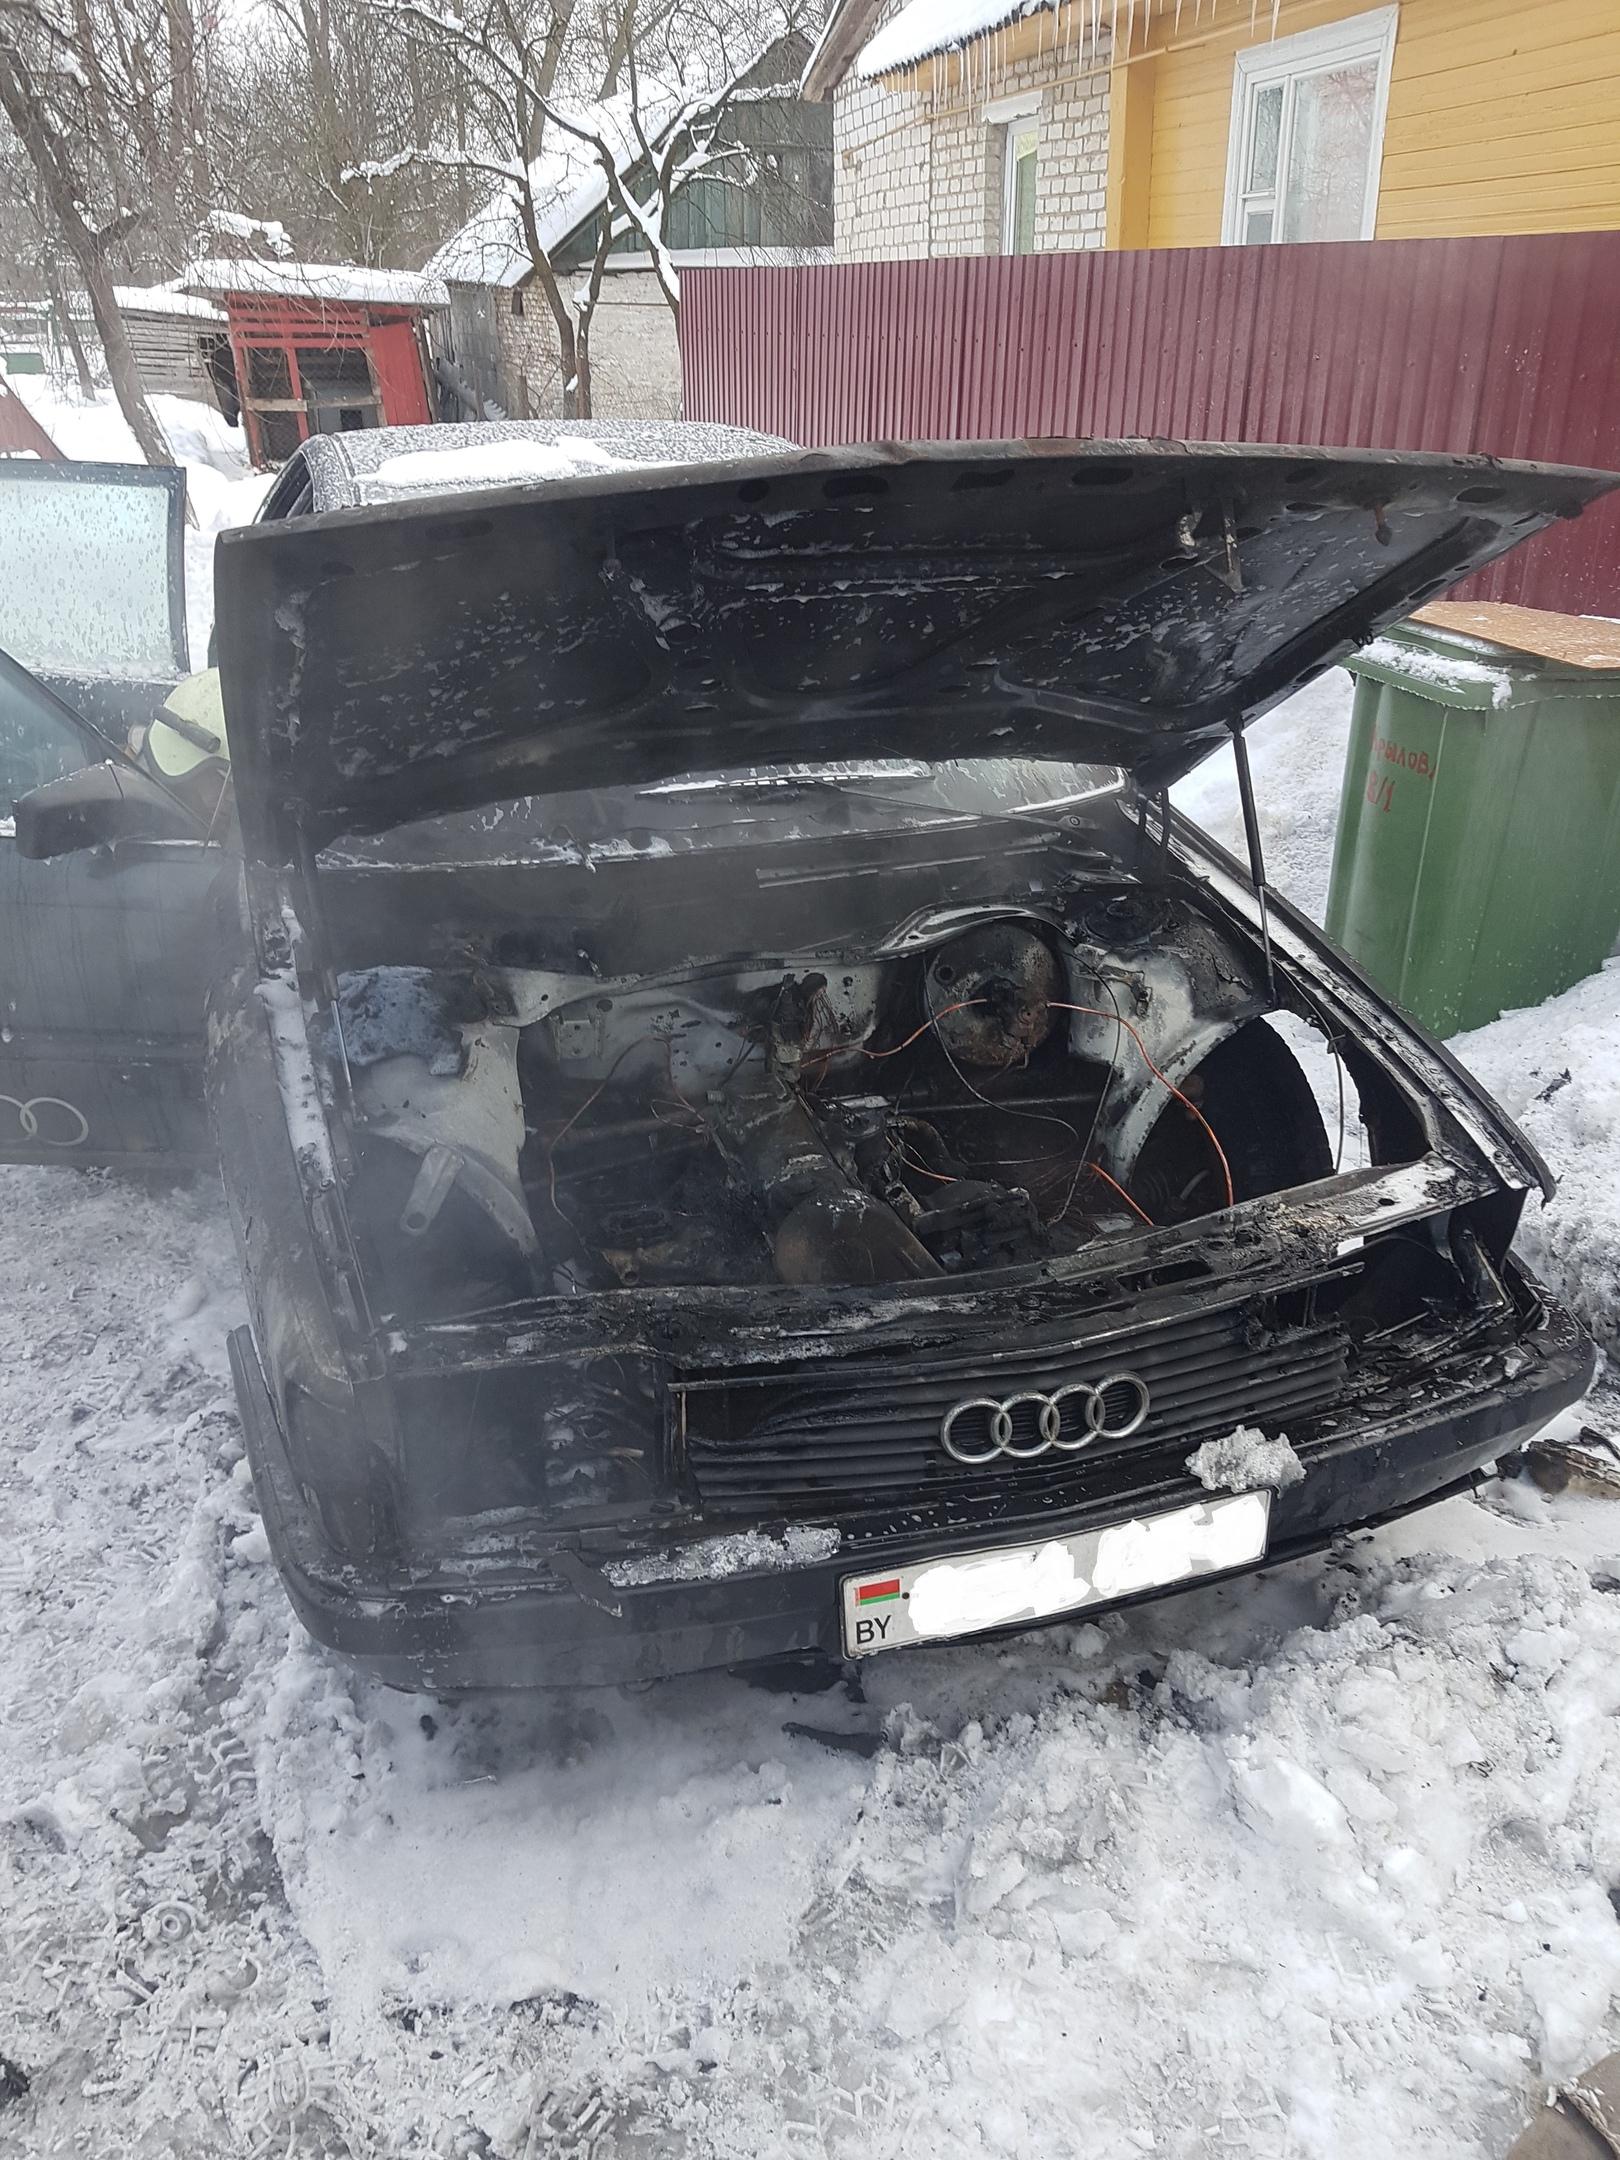 Легковой автомобиль горел в Лиде.